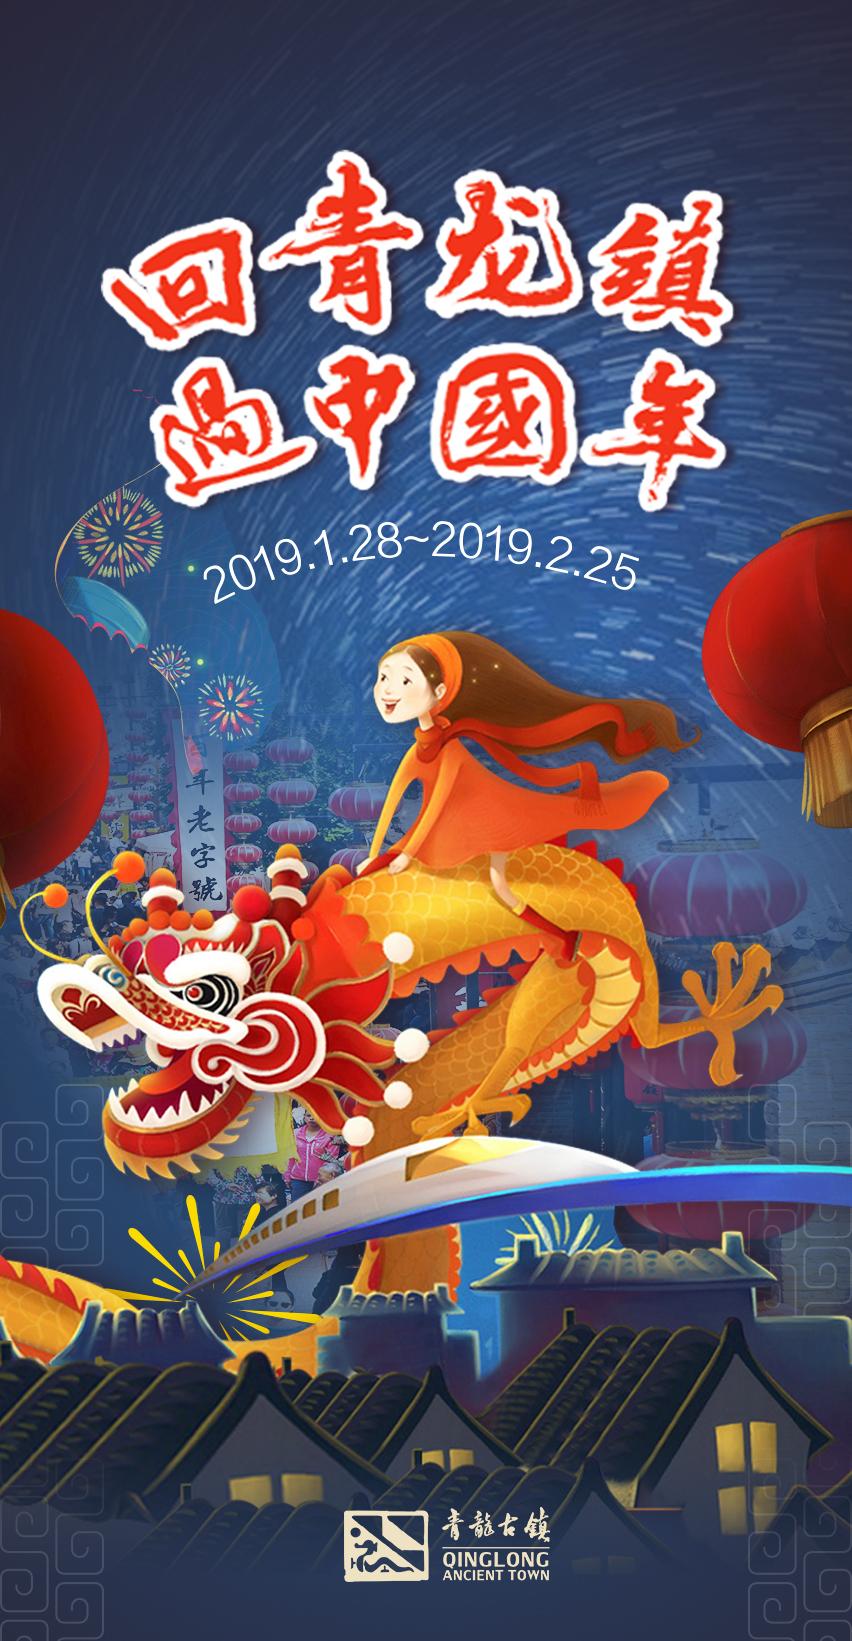 """""""回qing龙镇·过zhong国nian""""2019nian磆ang诨疃?乒?> <div class="""